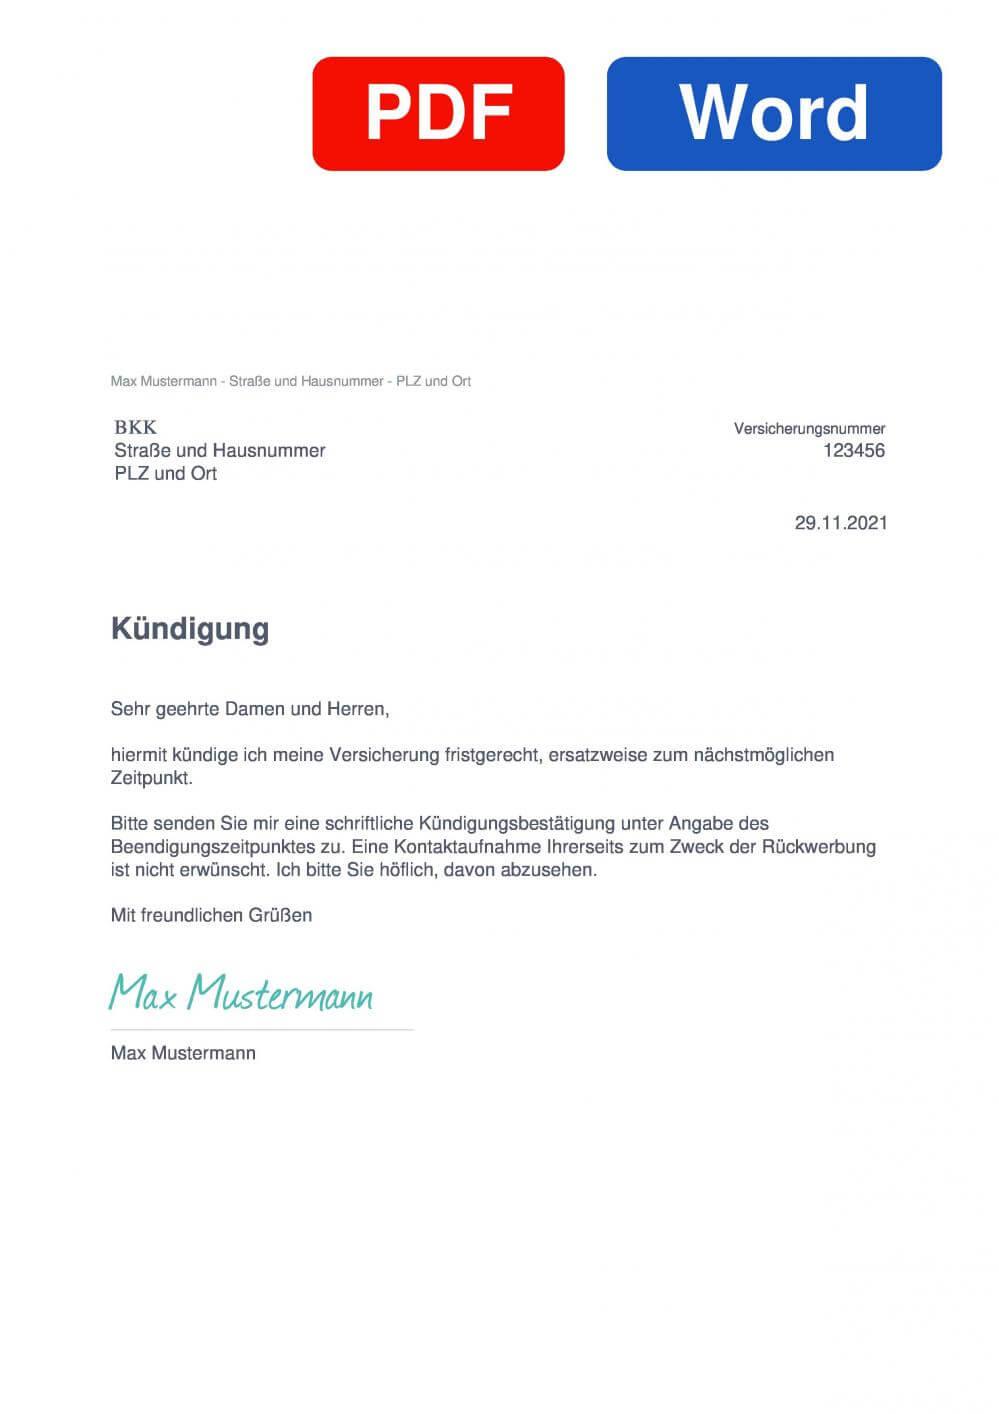 BKK Muster Vorlage für Kündigungsschreiben